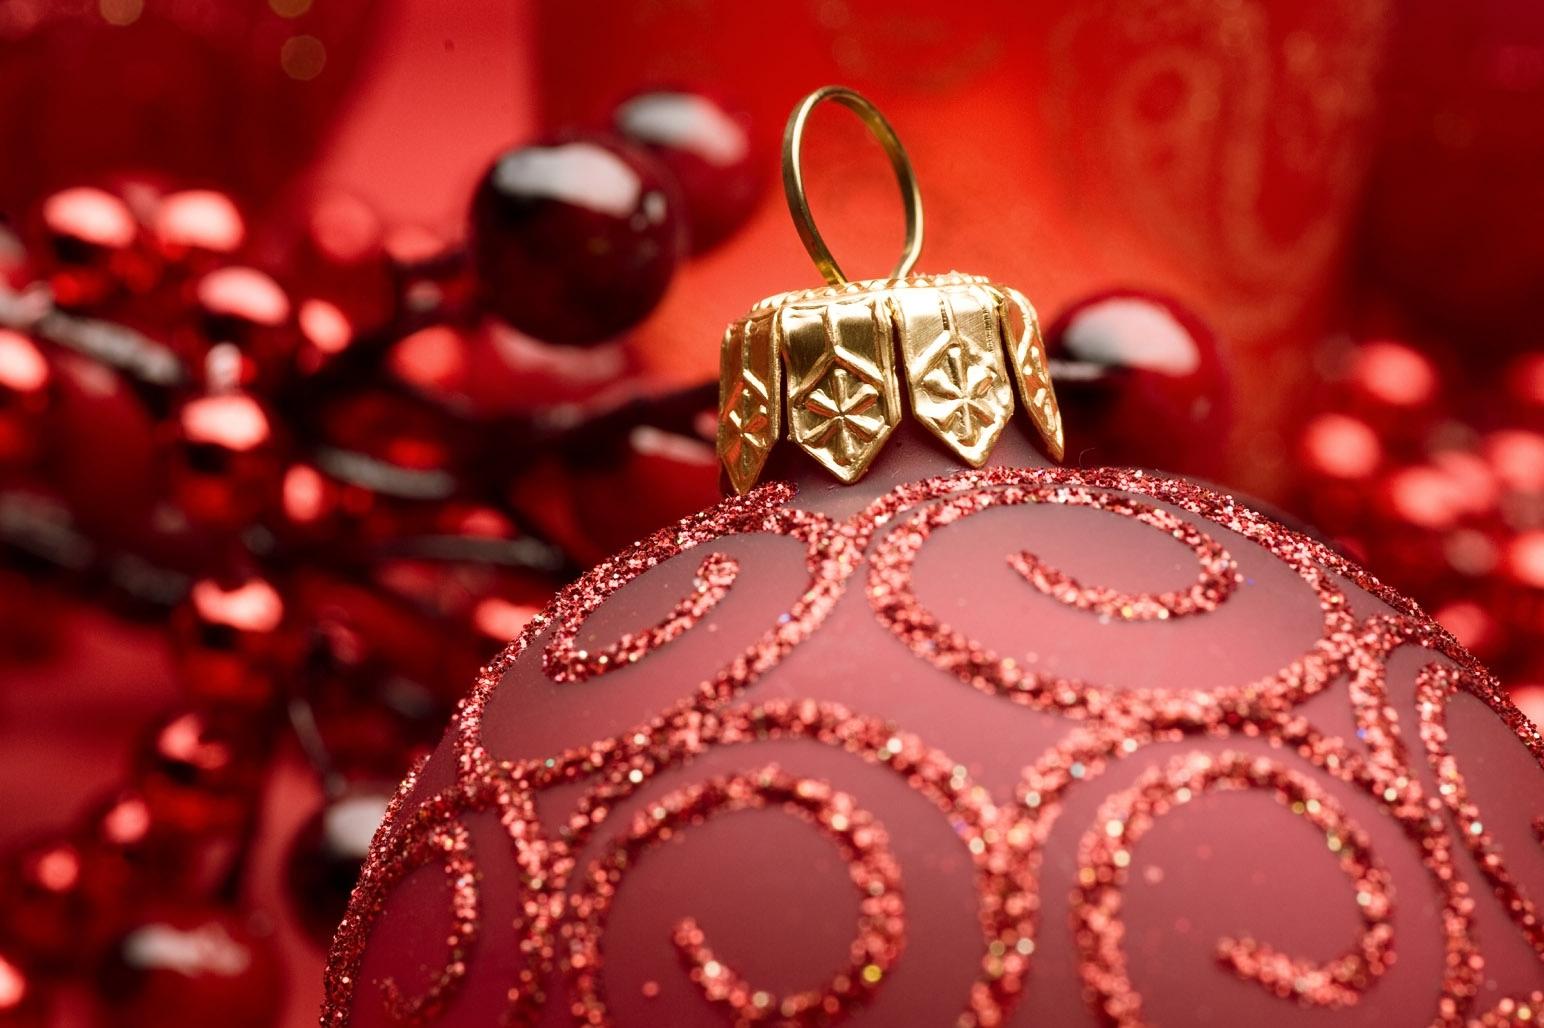 Foto E Auguri Di Buon Natale.Auguri Di Buon Natale E Felice Anno Nuovo Dall Associazione Di